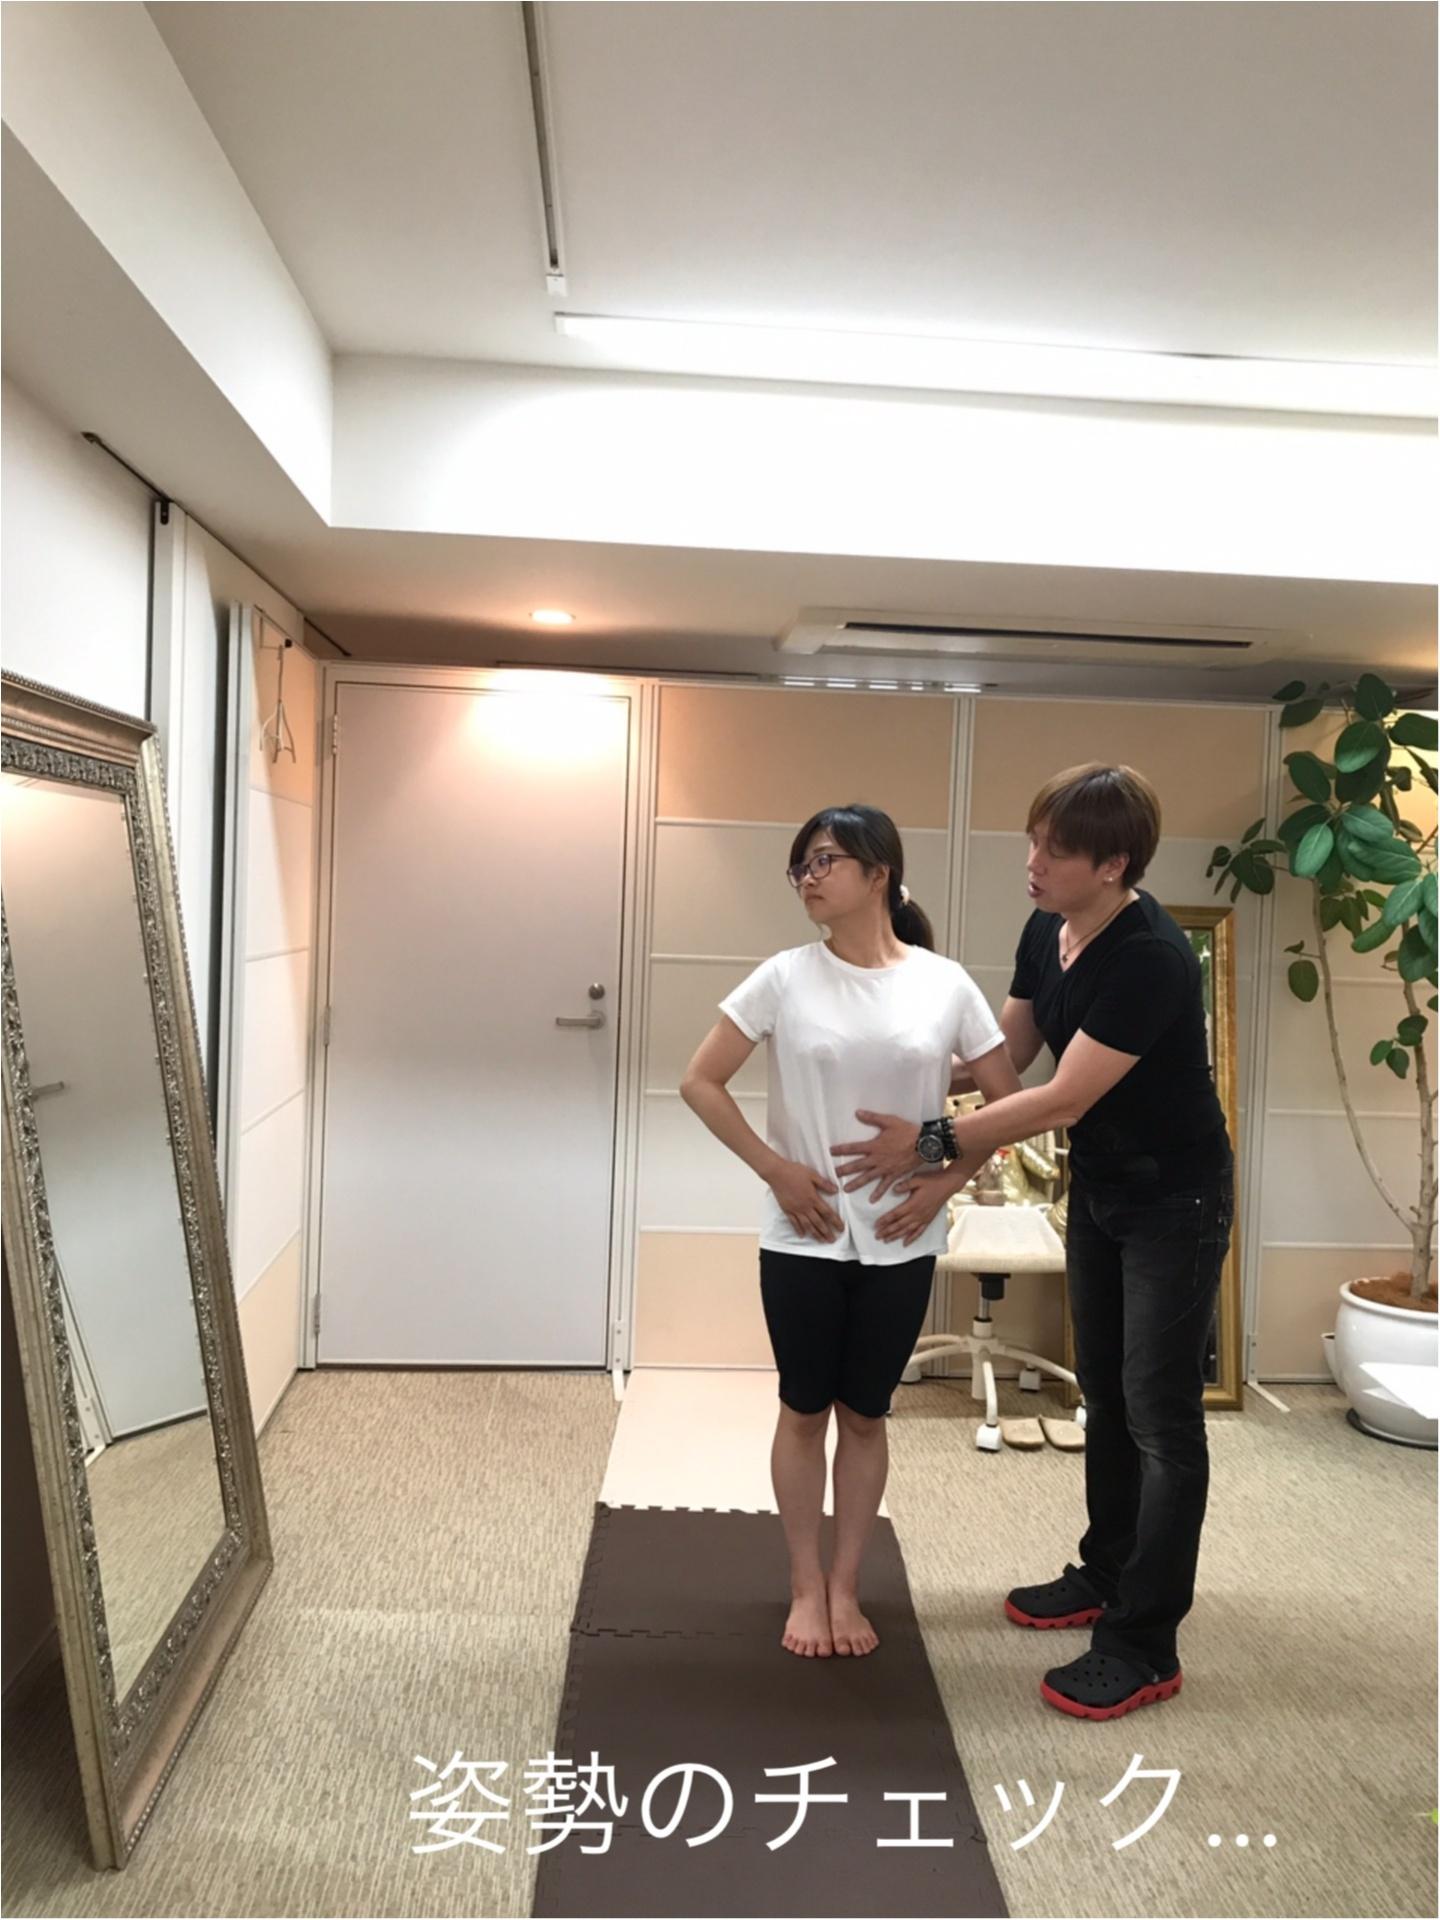 小倉義人先生のサロンで美ボディになるための「正しい歩き方」レッスン♡  【#モアチャレ 7キロ痩せ】_1